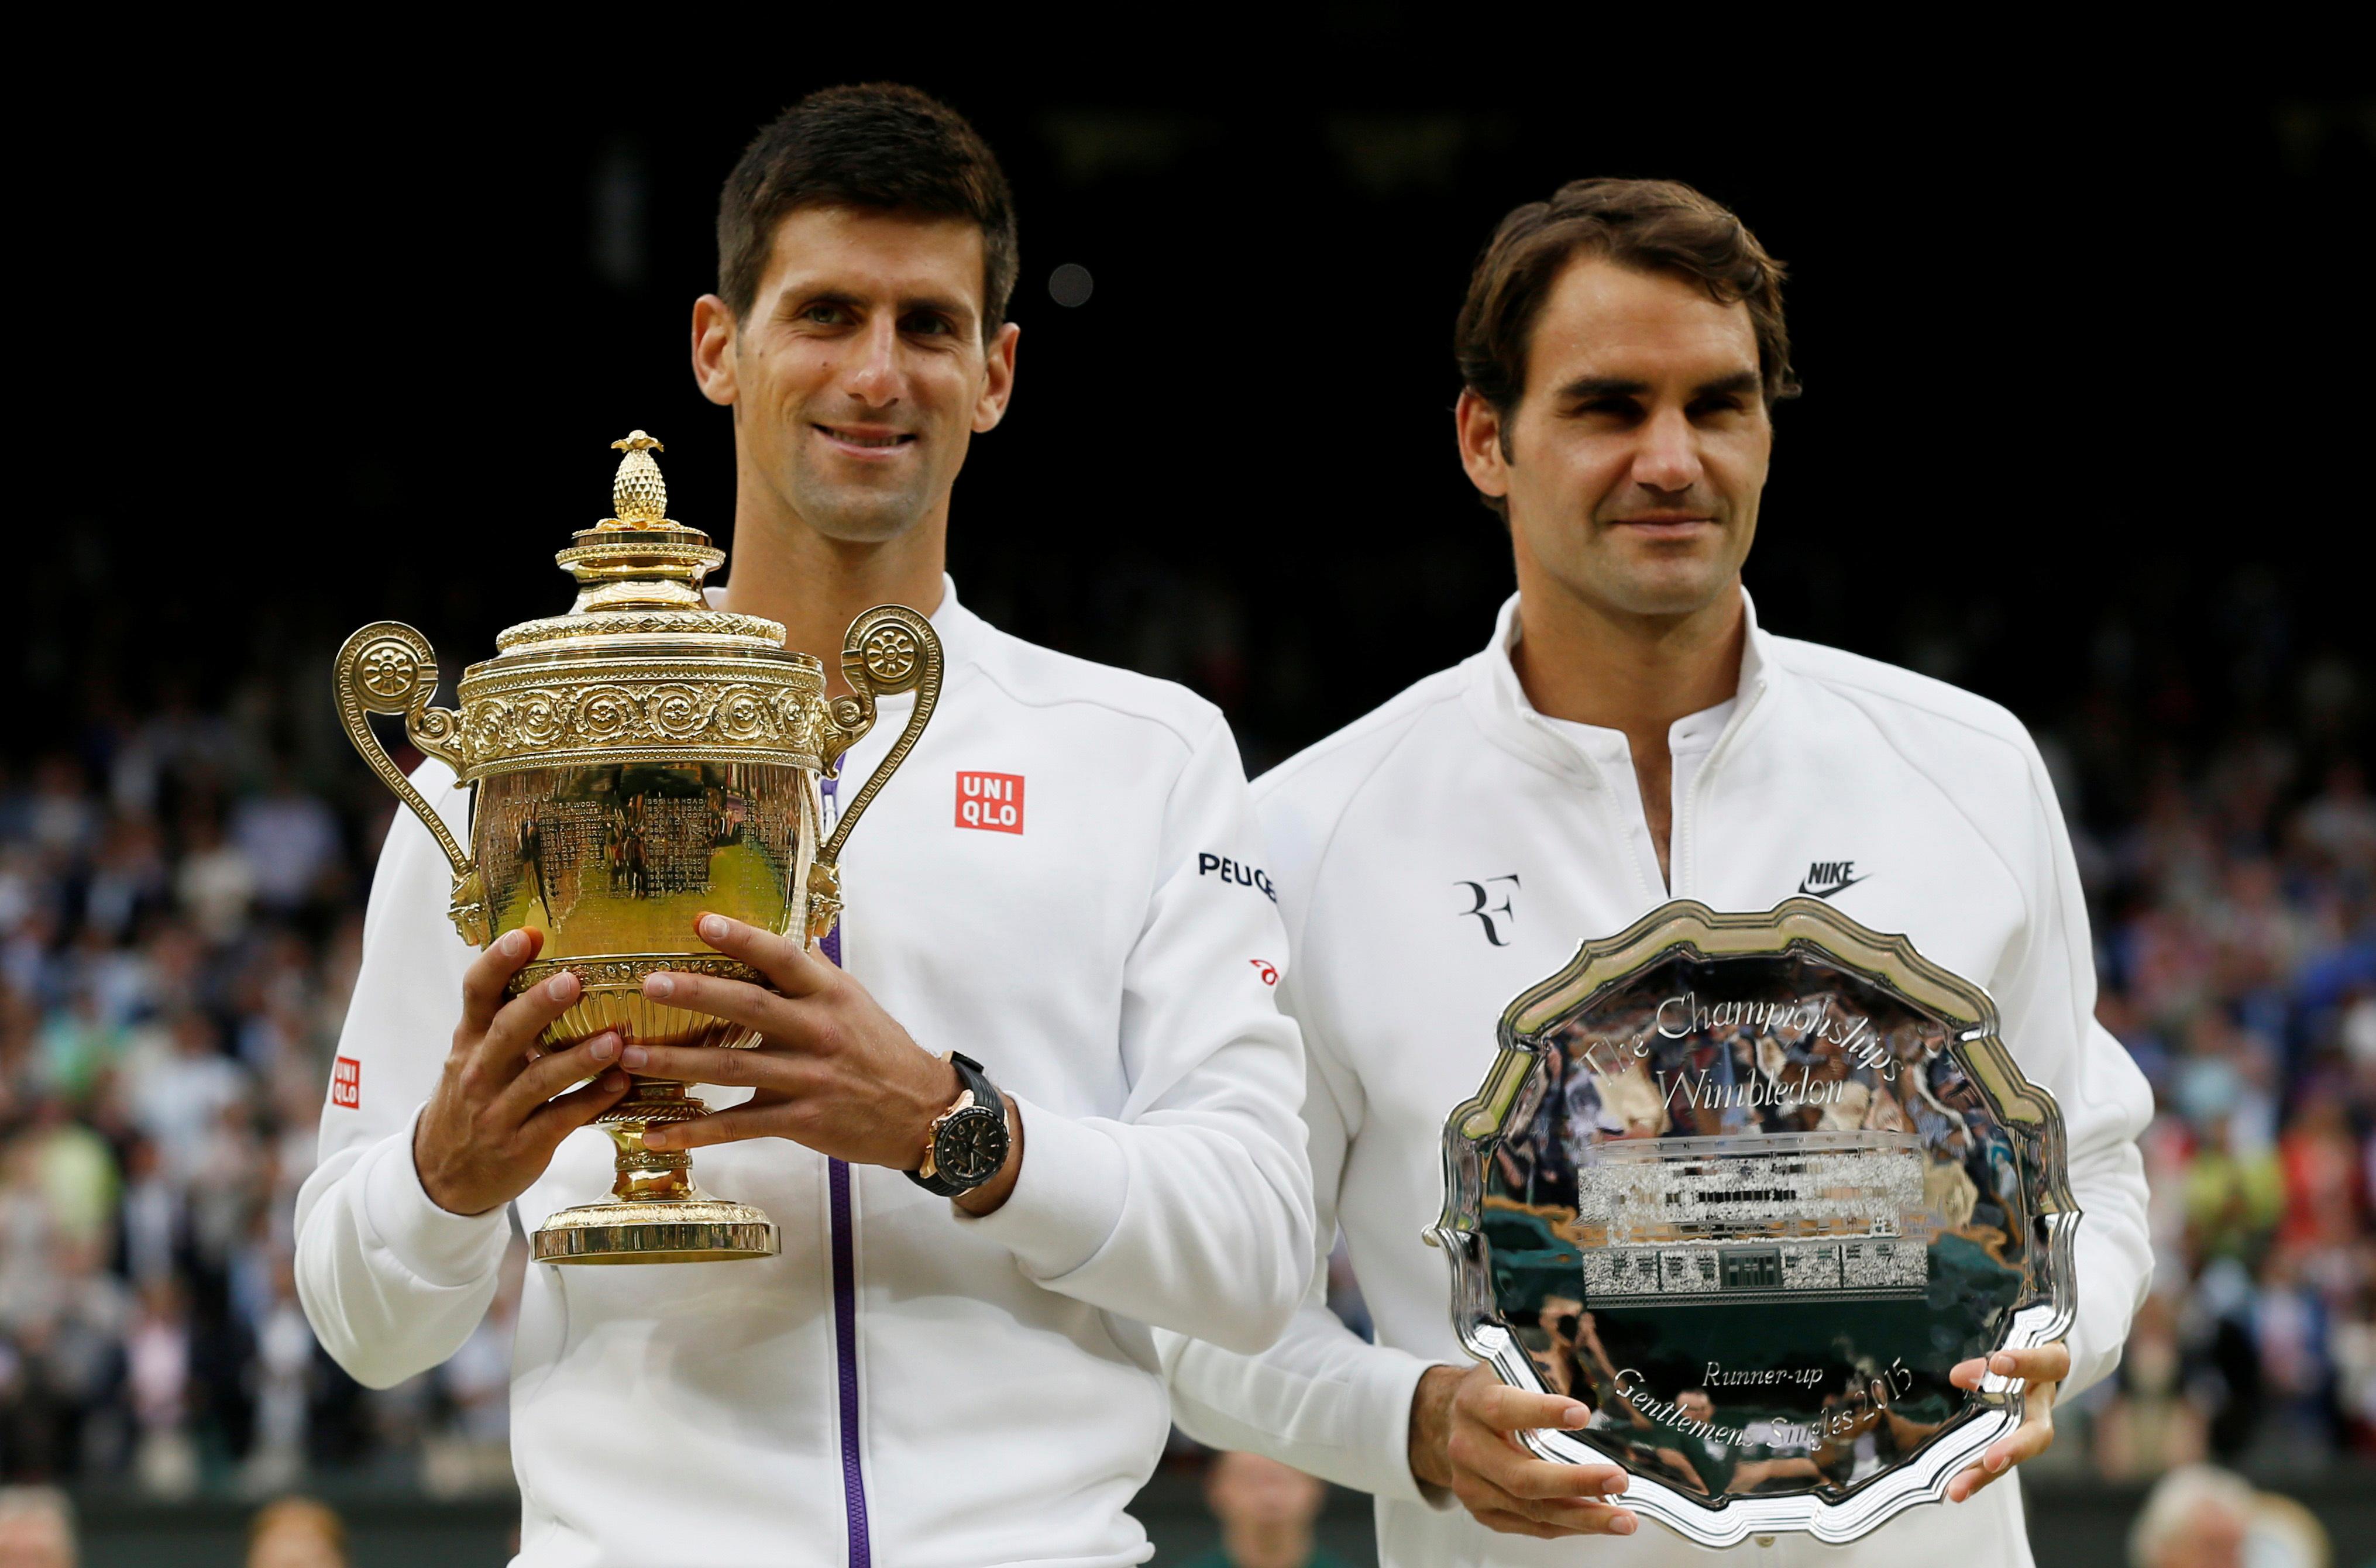 Tennis - Wimbledon - Les chiffres de la rivalité entre Djokovic et Federer